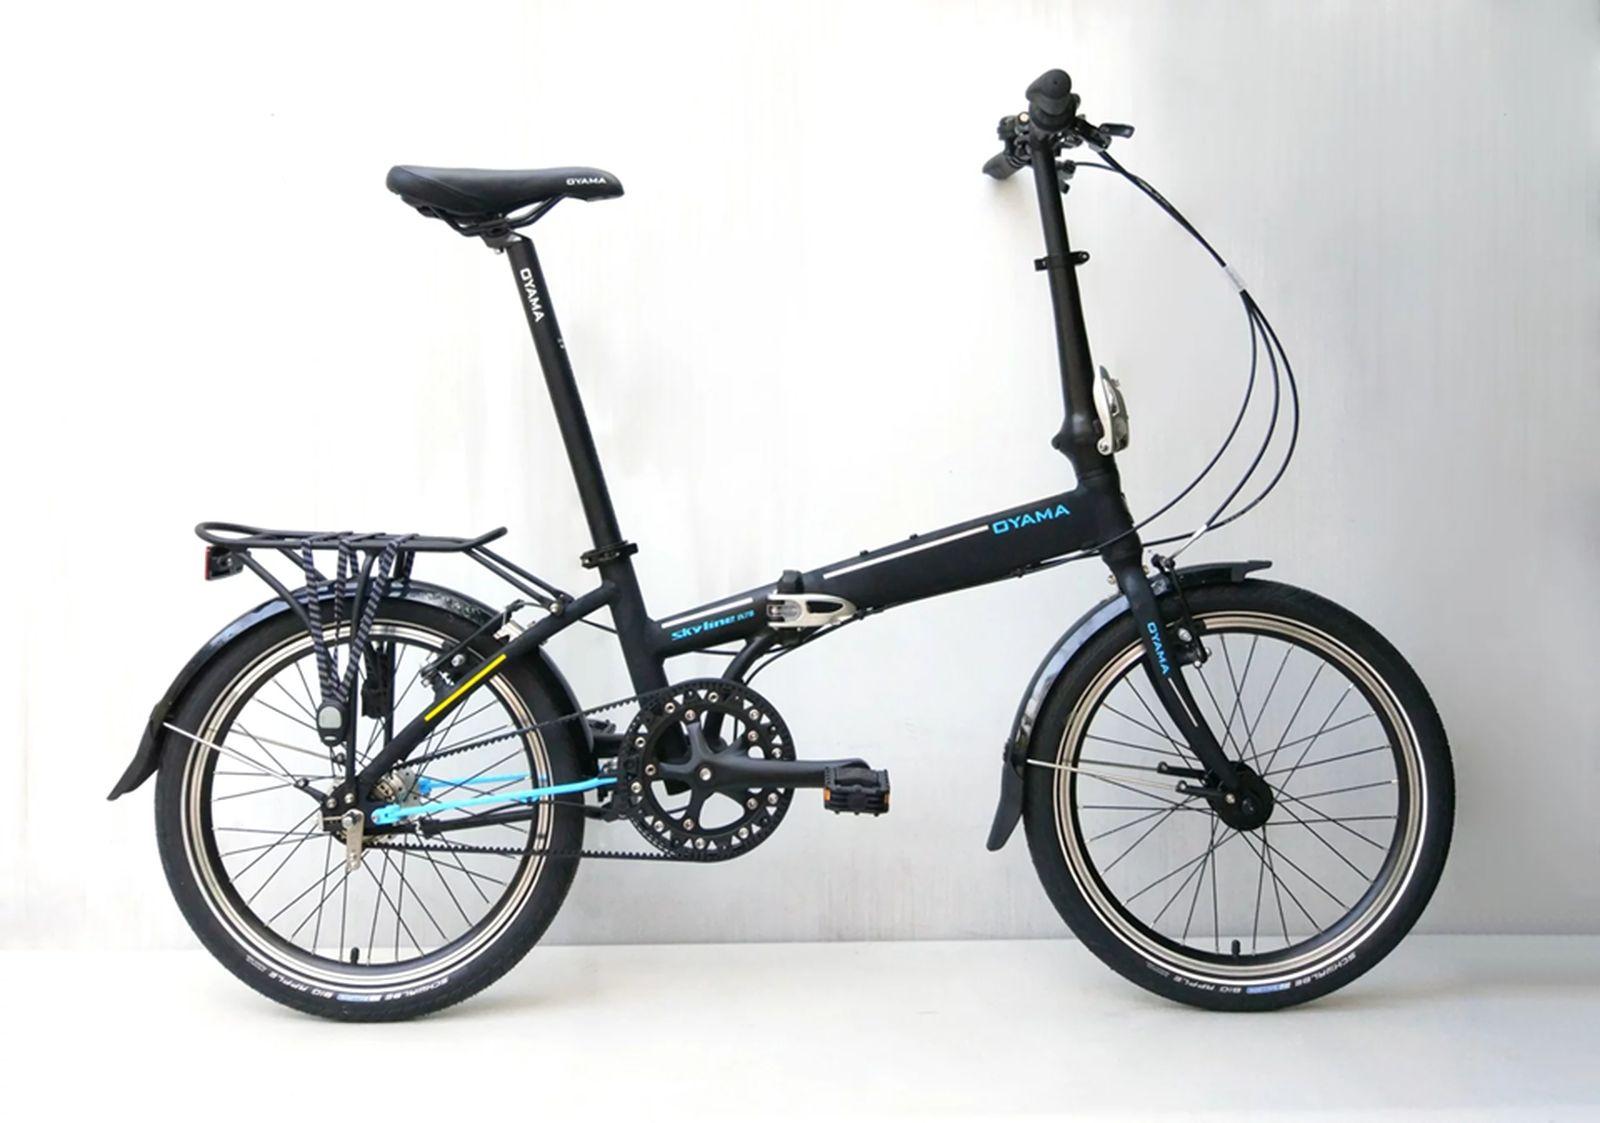 oyama-Skyline-7b best commuter bike